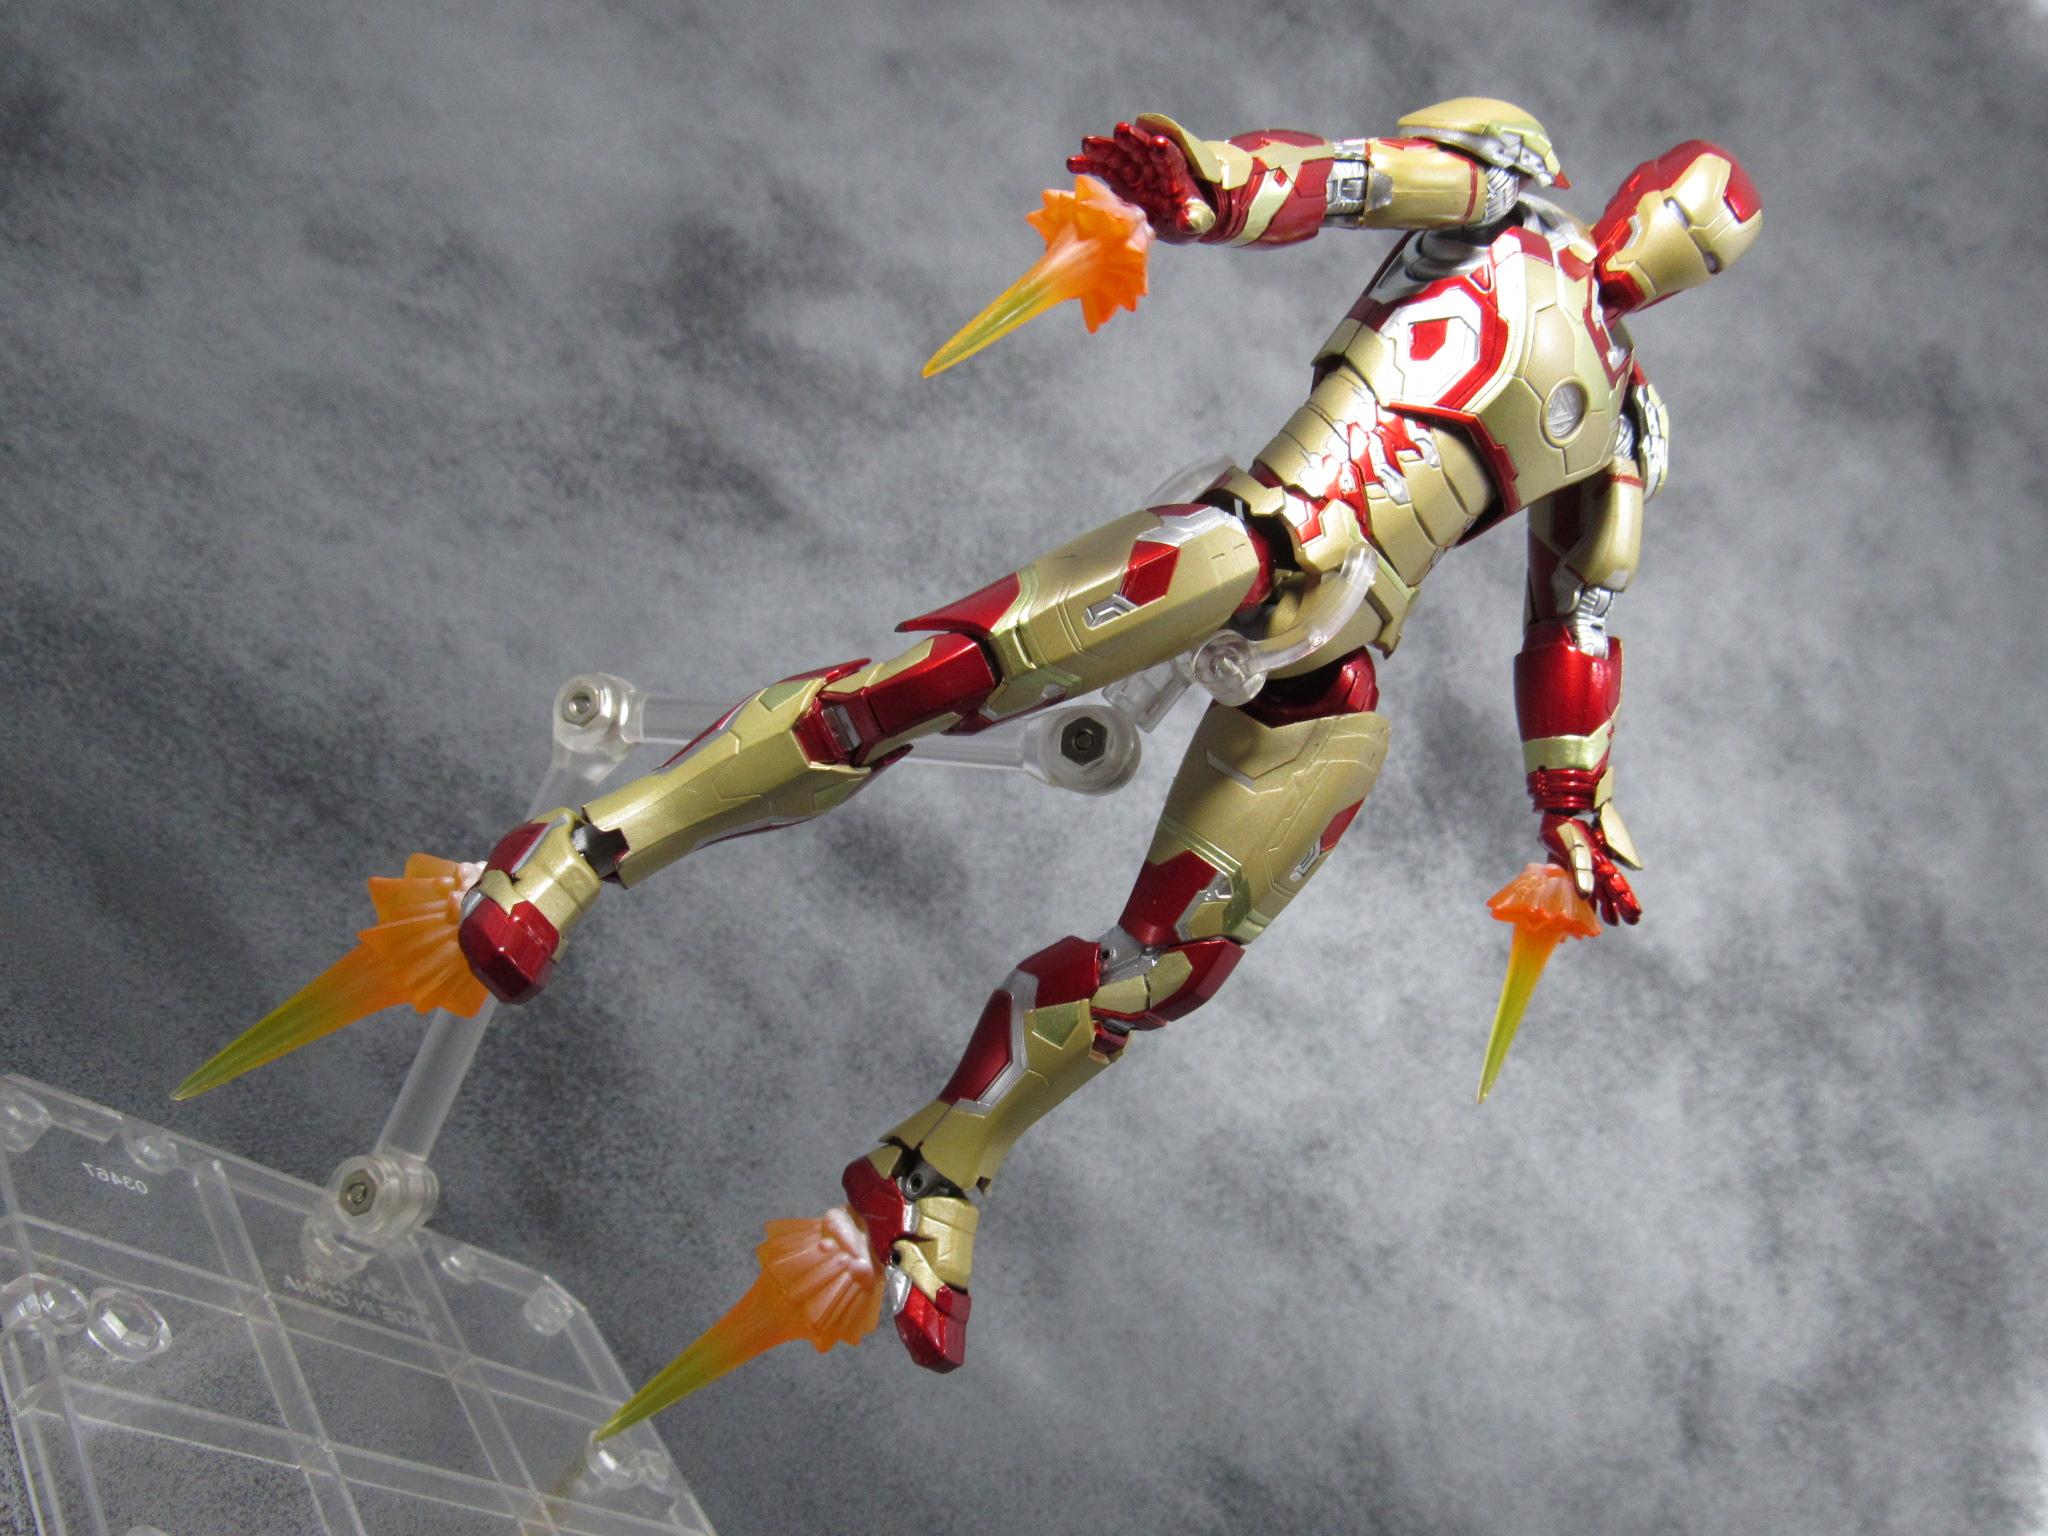 S.H.フィギュアーツ アイアンマン マーク42 レビュー